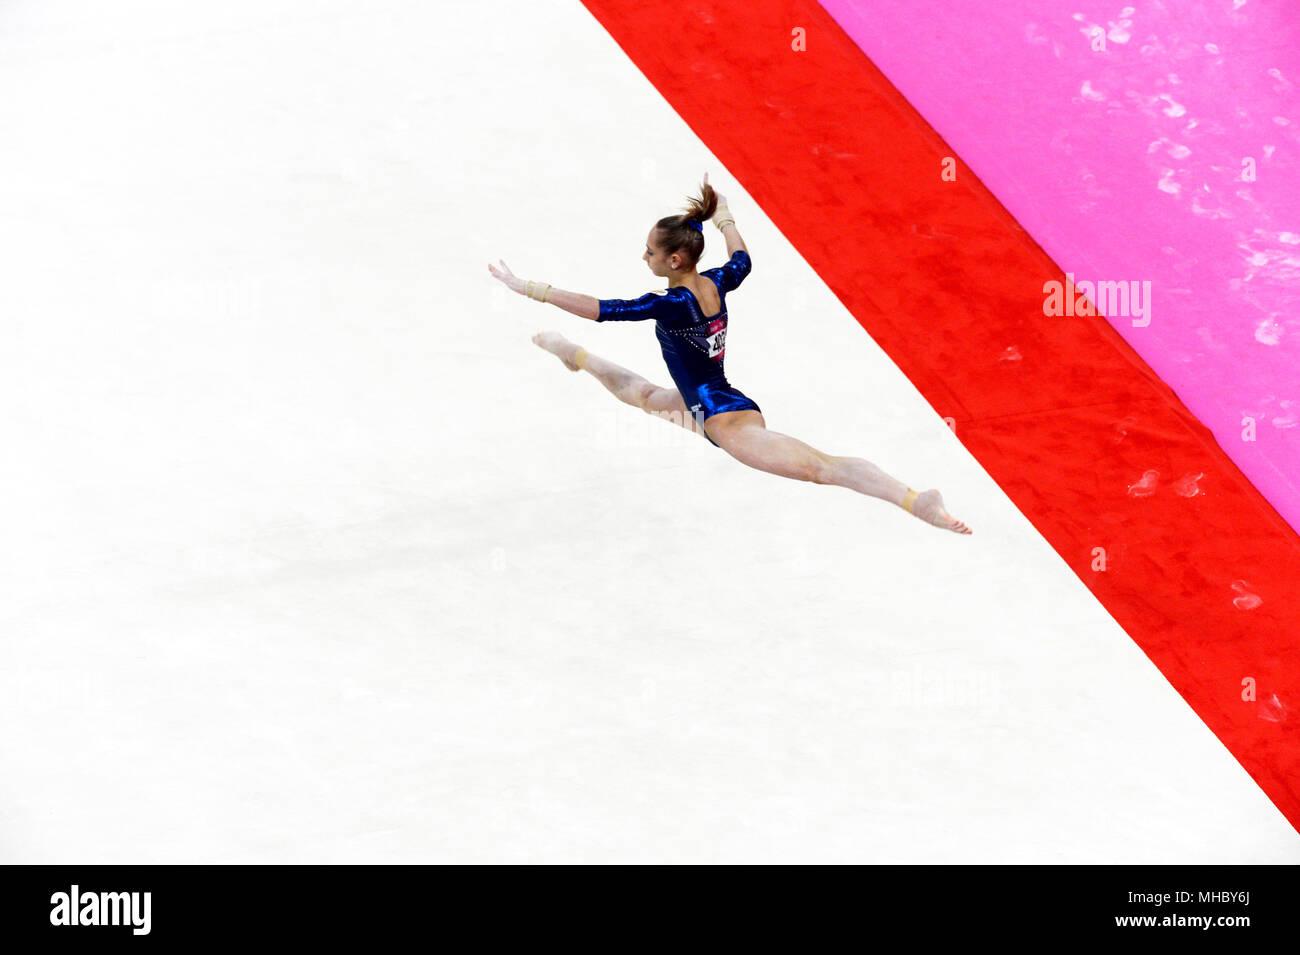 Victoria Komova della Russia esegue i suoi esercizi a terra durante le donne del tutto intorno la concorrenza di ginnastica, in cui ha vinto la medaglia d'argento. Immagini Stock